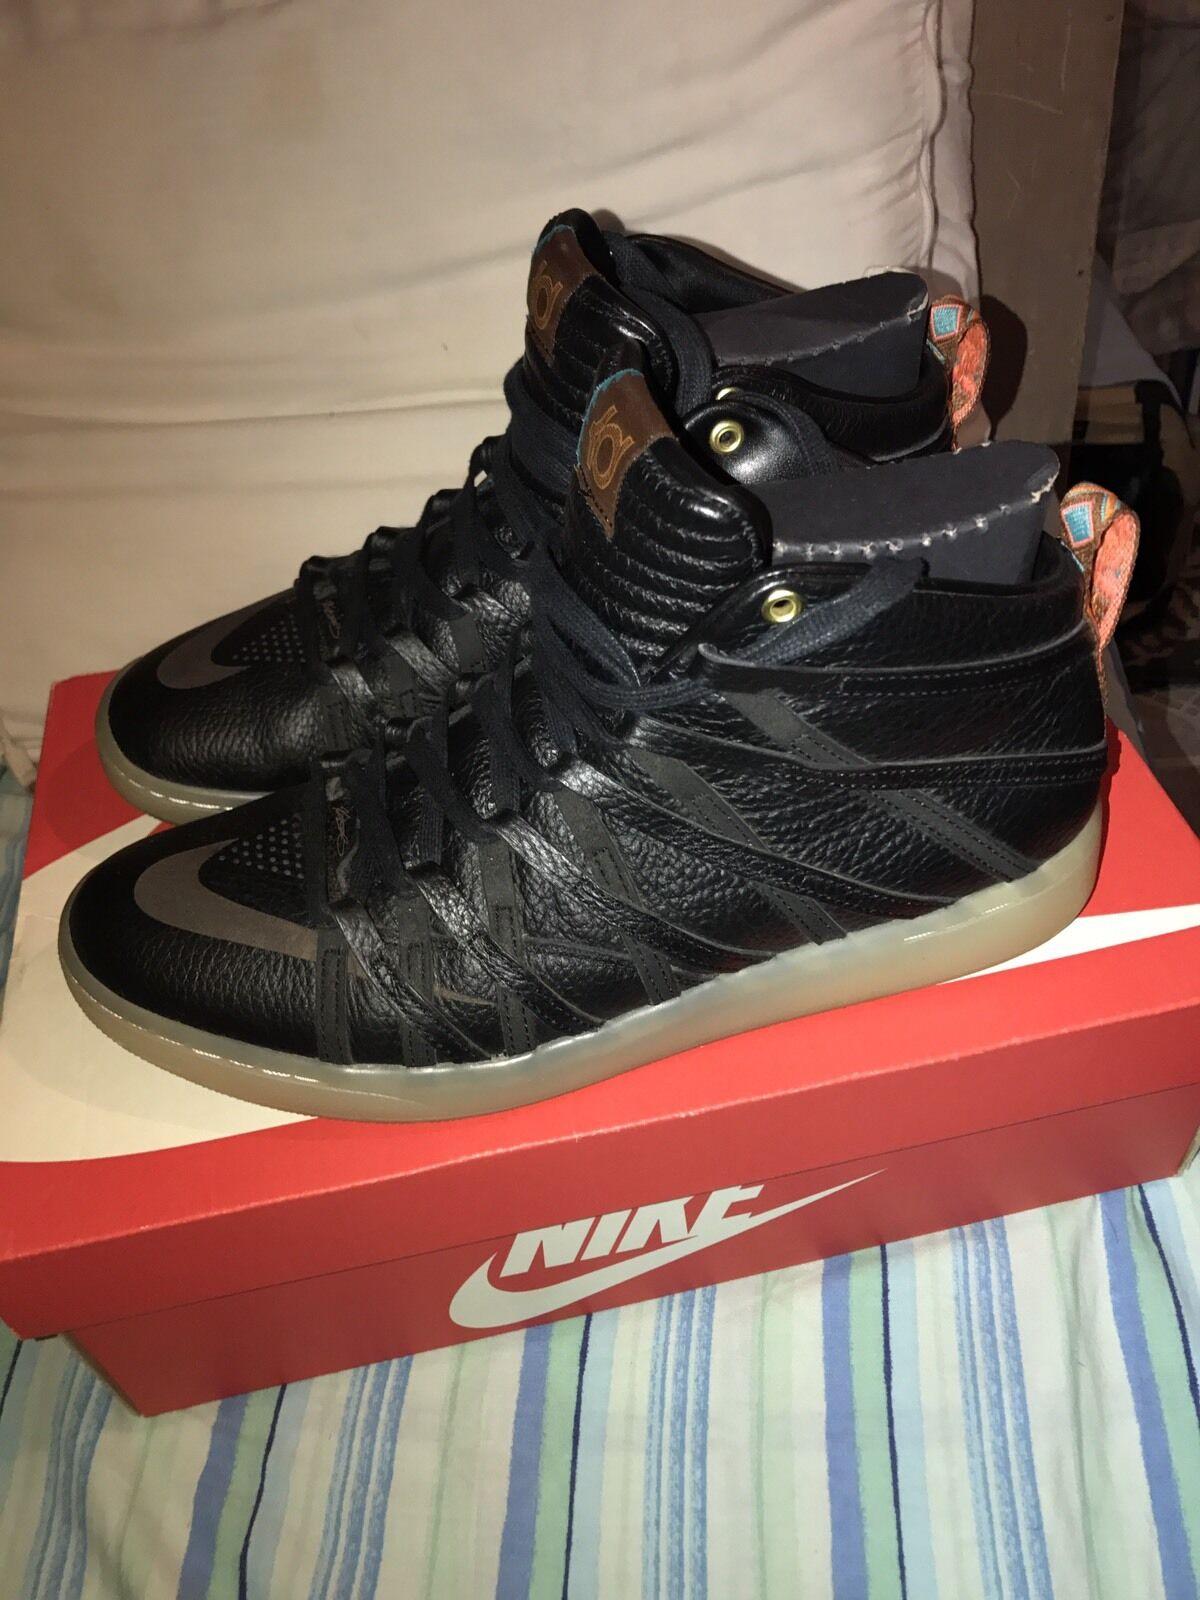 Nike kd vii 7 nsw lifestyle schwarz 100% / schwarz größe 9,5 100% schwarz echt selten vnds 4c5714